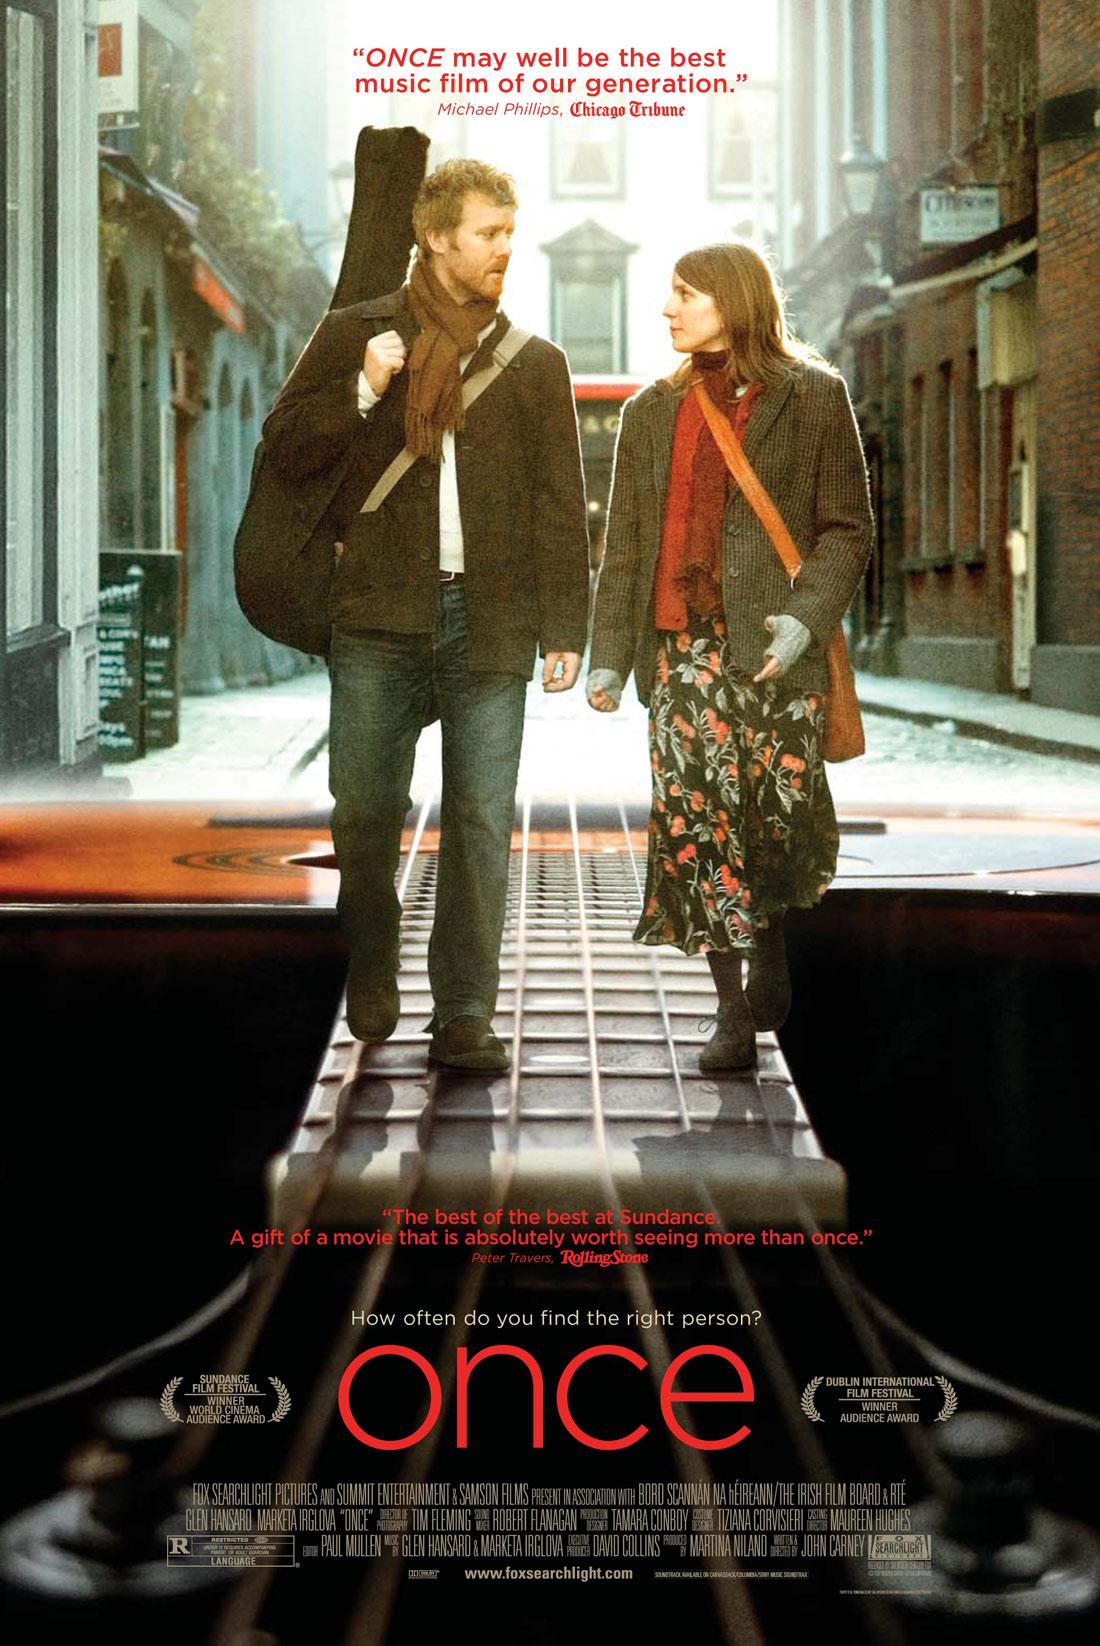 once ダブリンの街角で  【映画的カリスマ指数】★★★★☆ ひとときが生んだ恋、音楽が生んだ